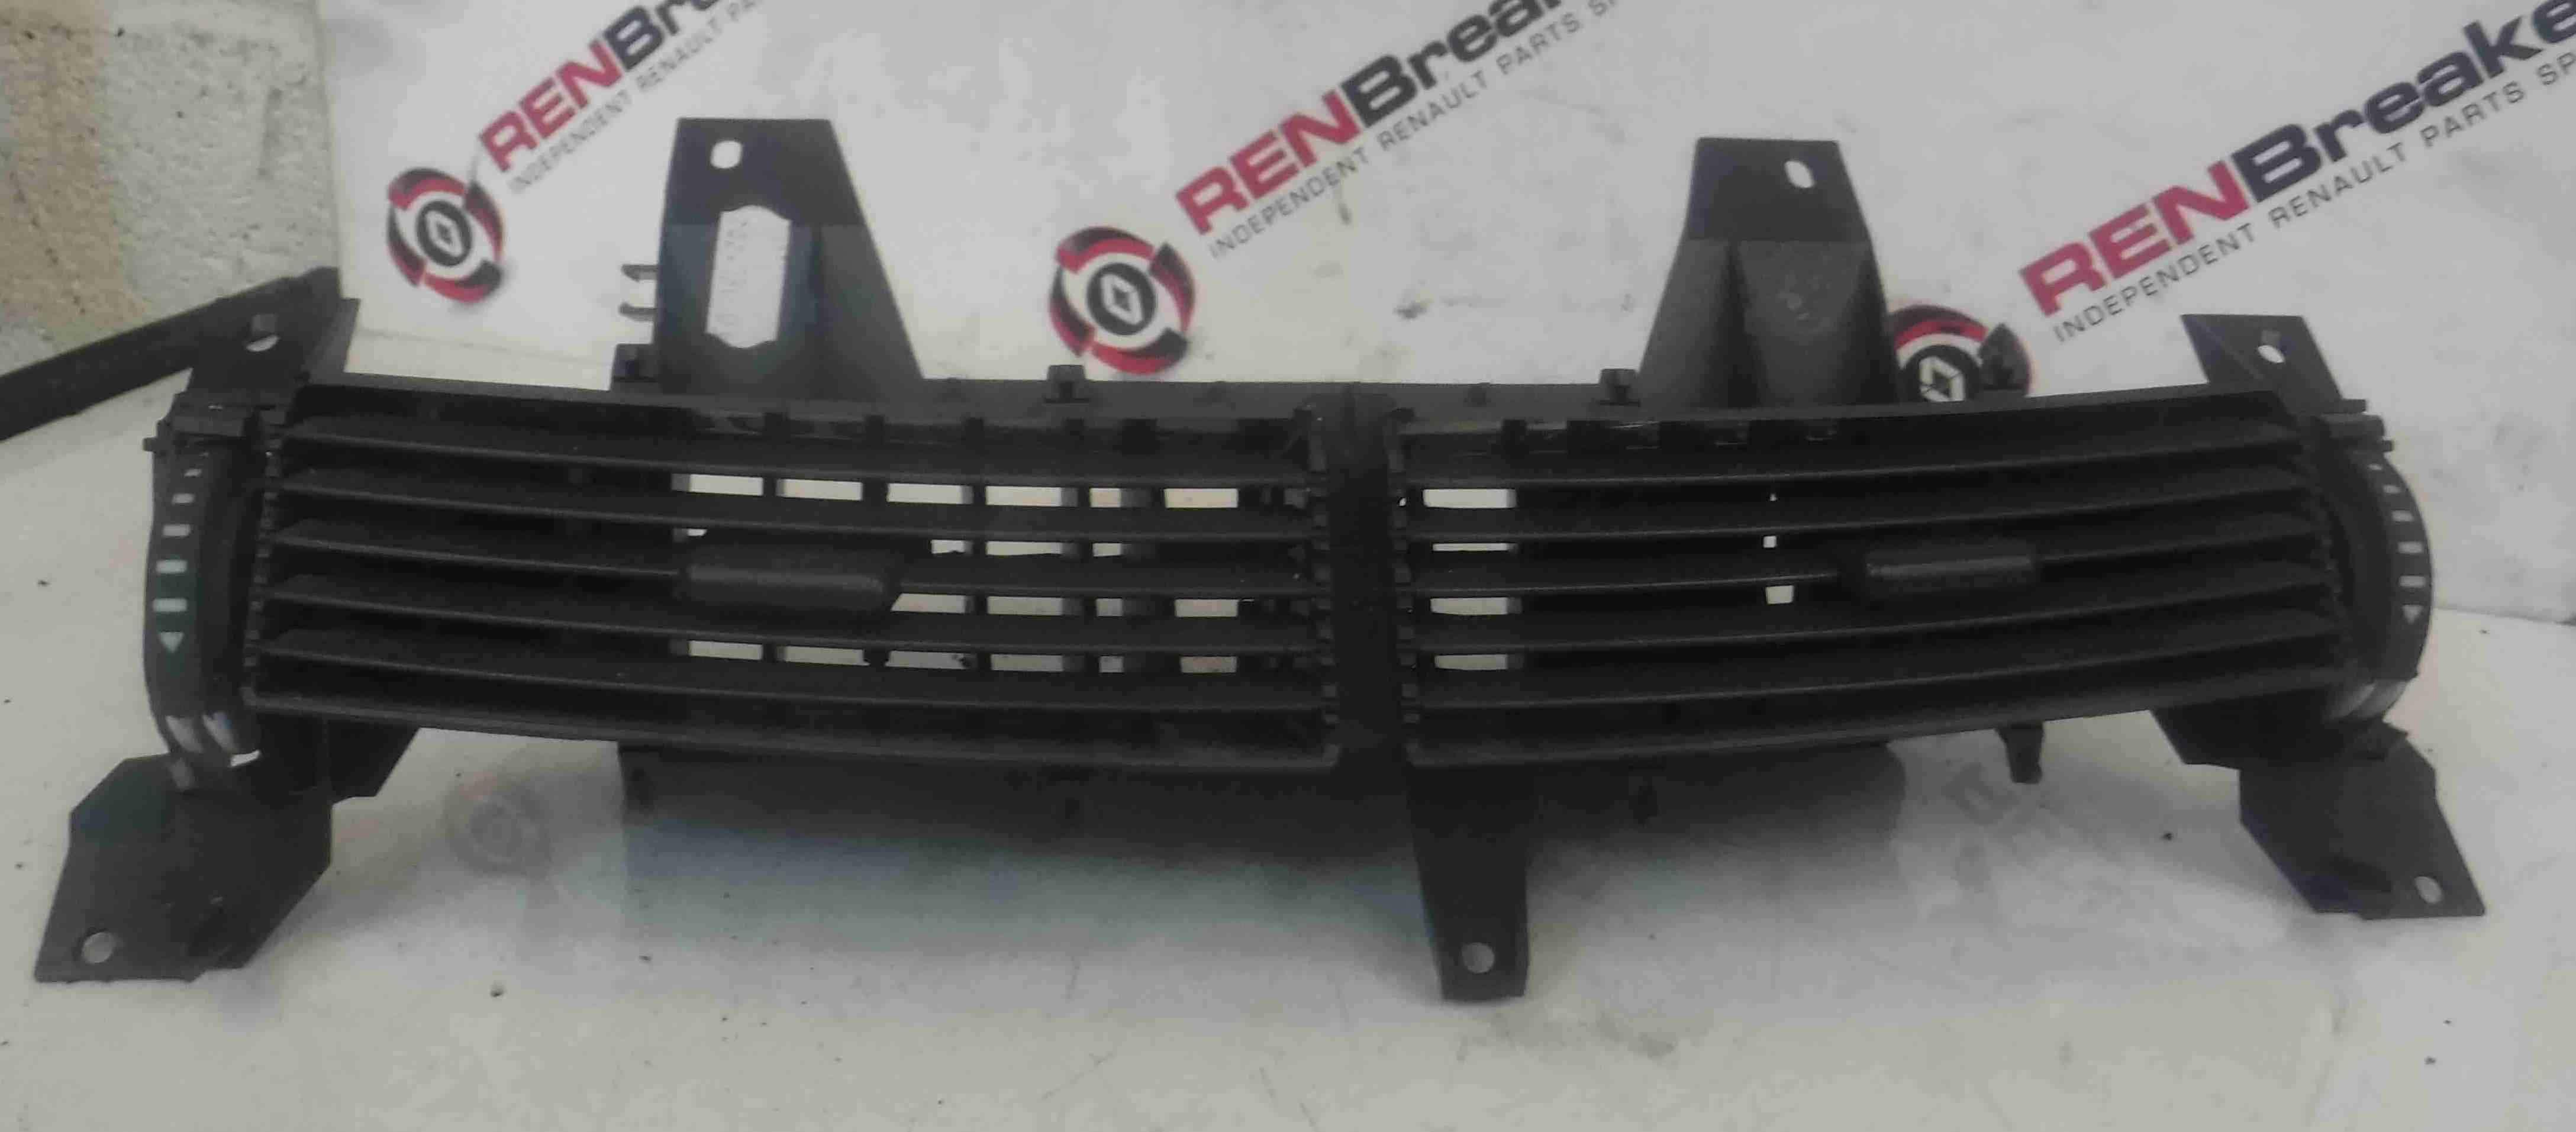 Renault Espace 2003-2013 Centre Heater Vents